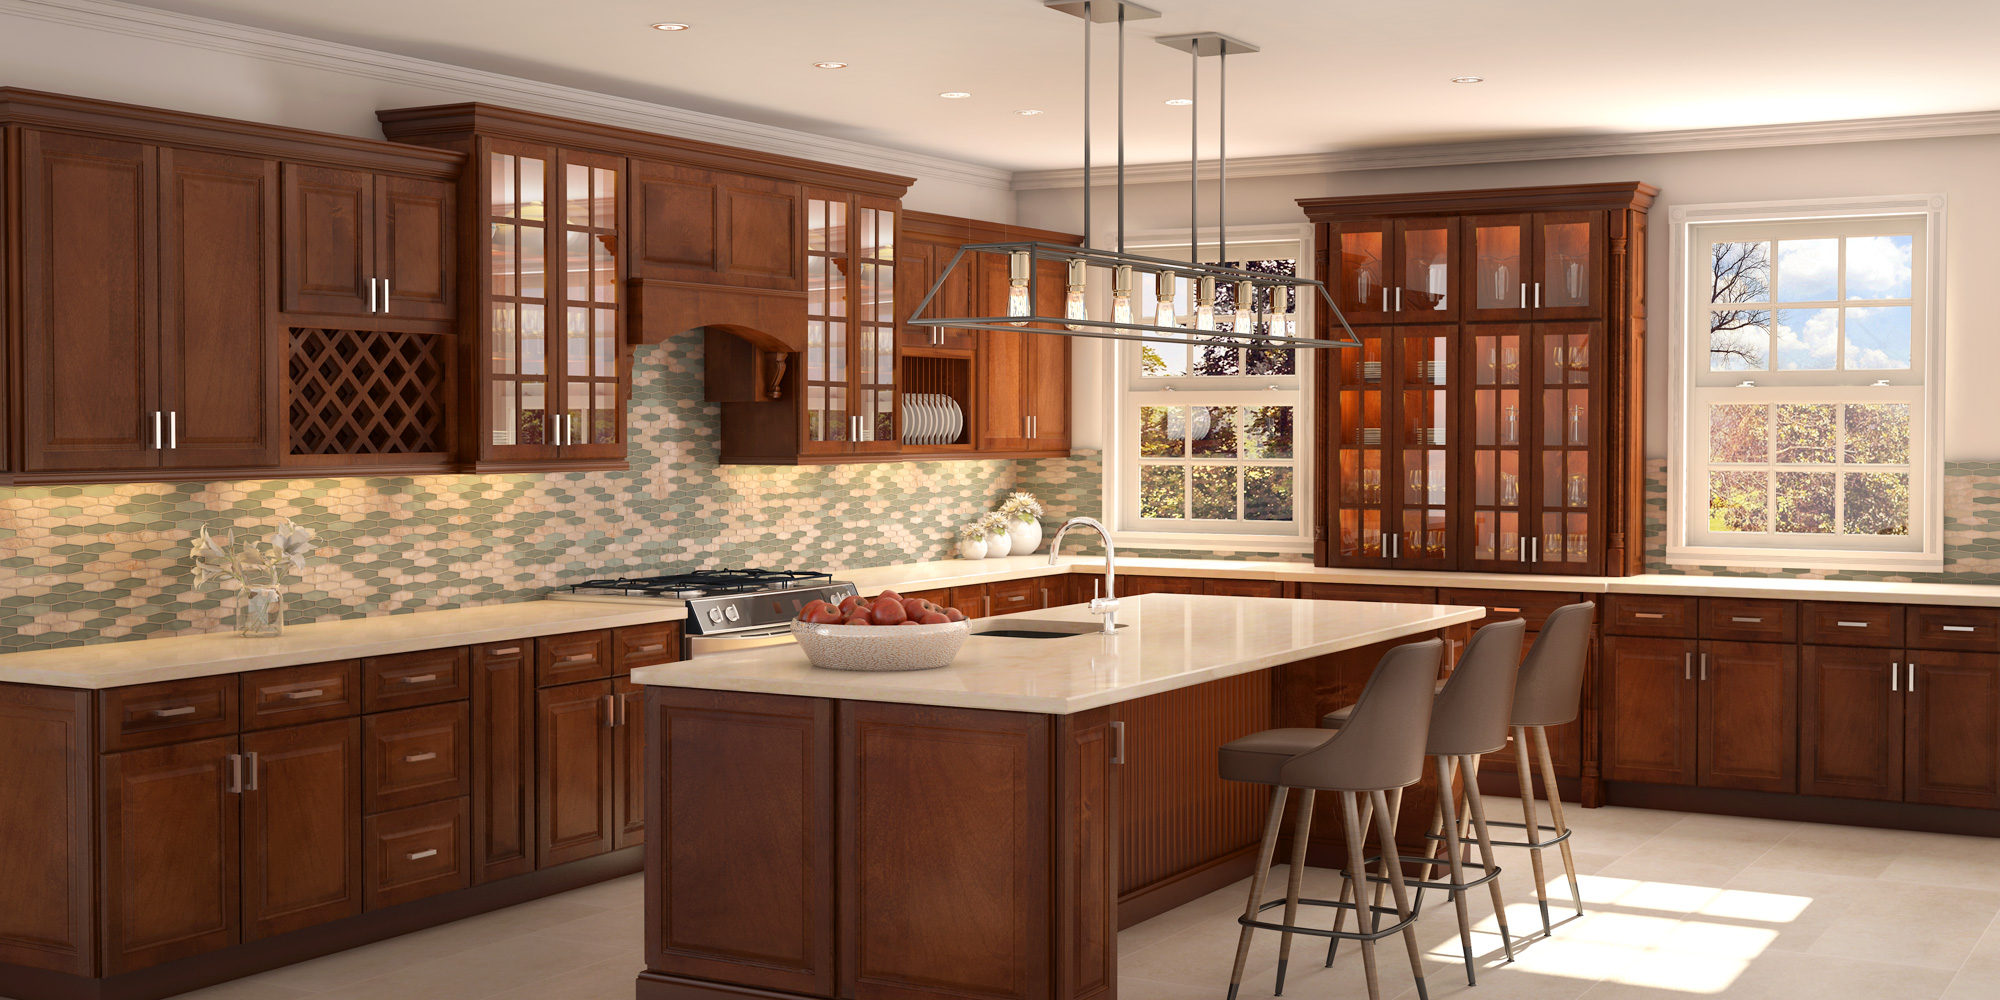 kitchen cabinets new brunswick nj